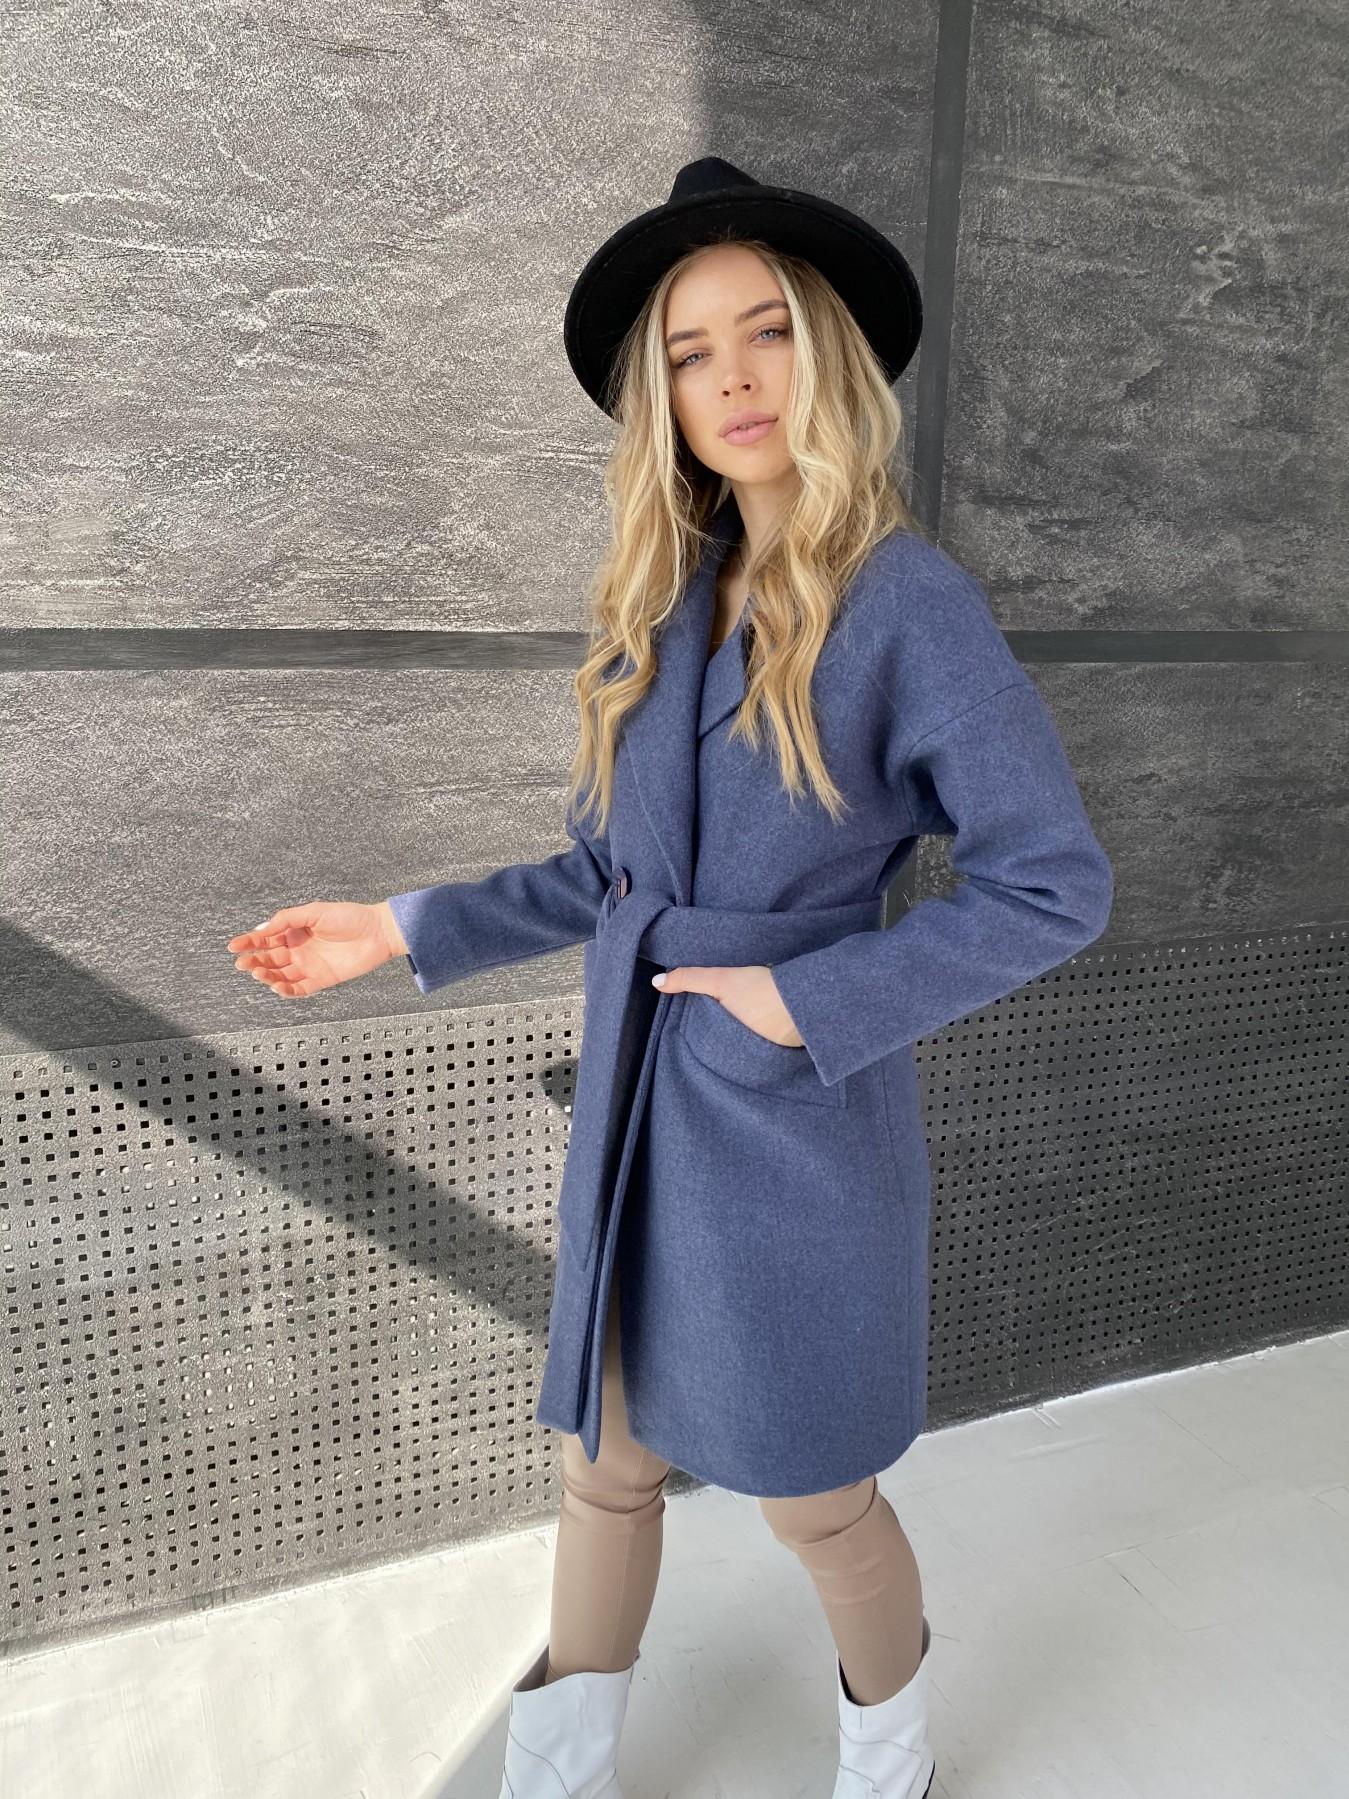 Сенсей пальто из кашемира меланж  10745 АРТ. 47228 Цвет: Джинс 57 - фото 8, интернет магазин tm-modus.ru